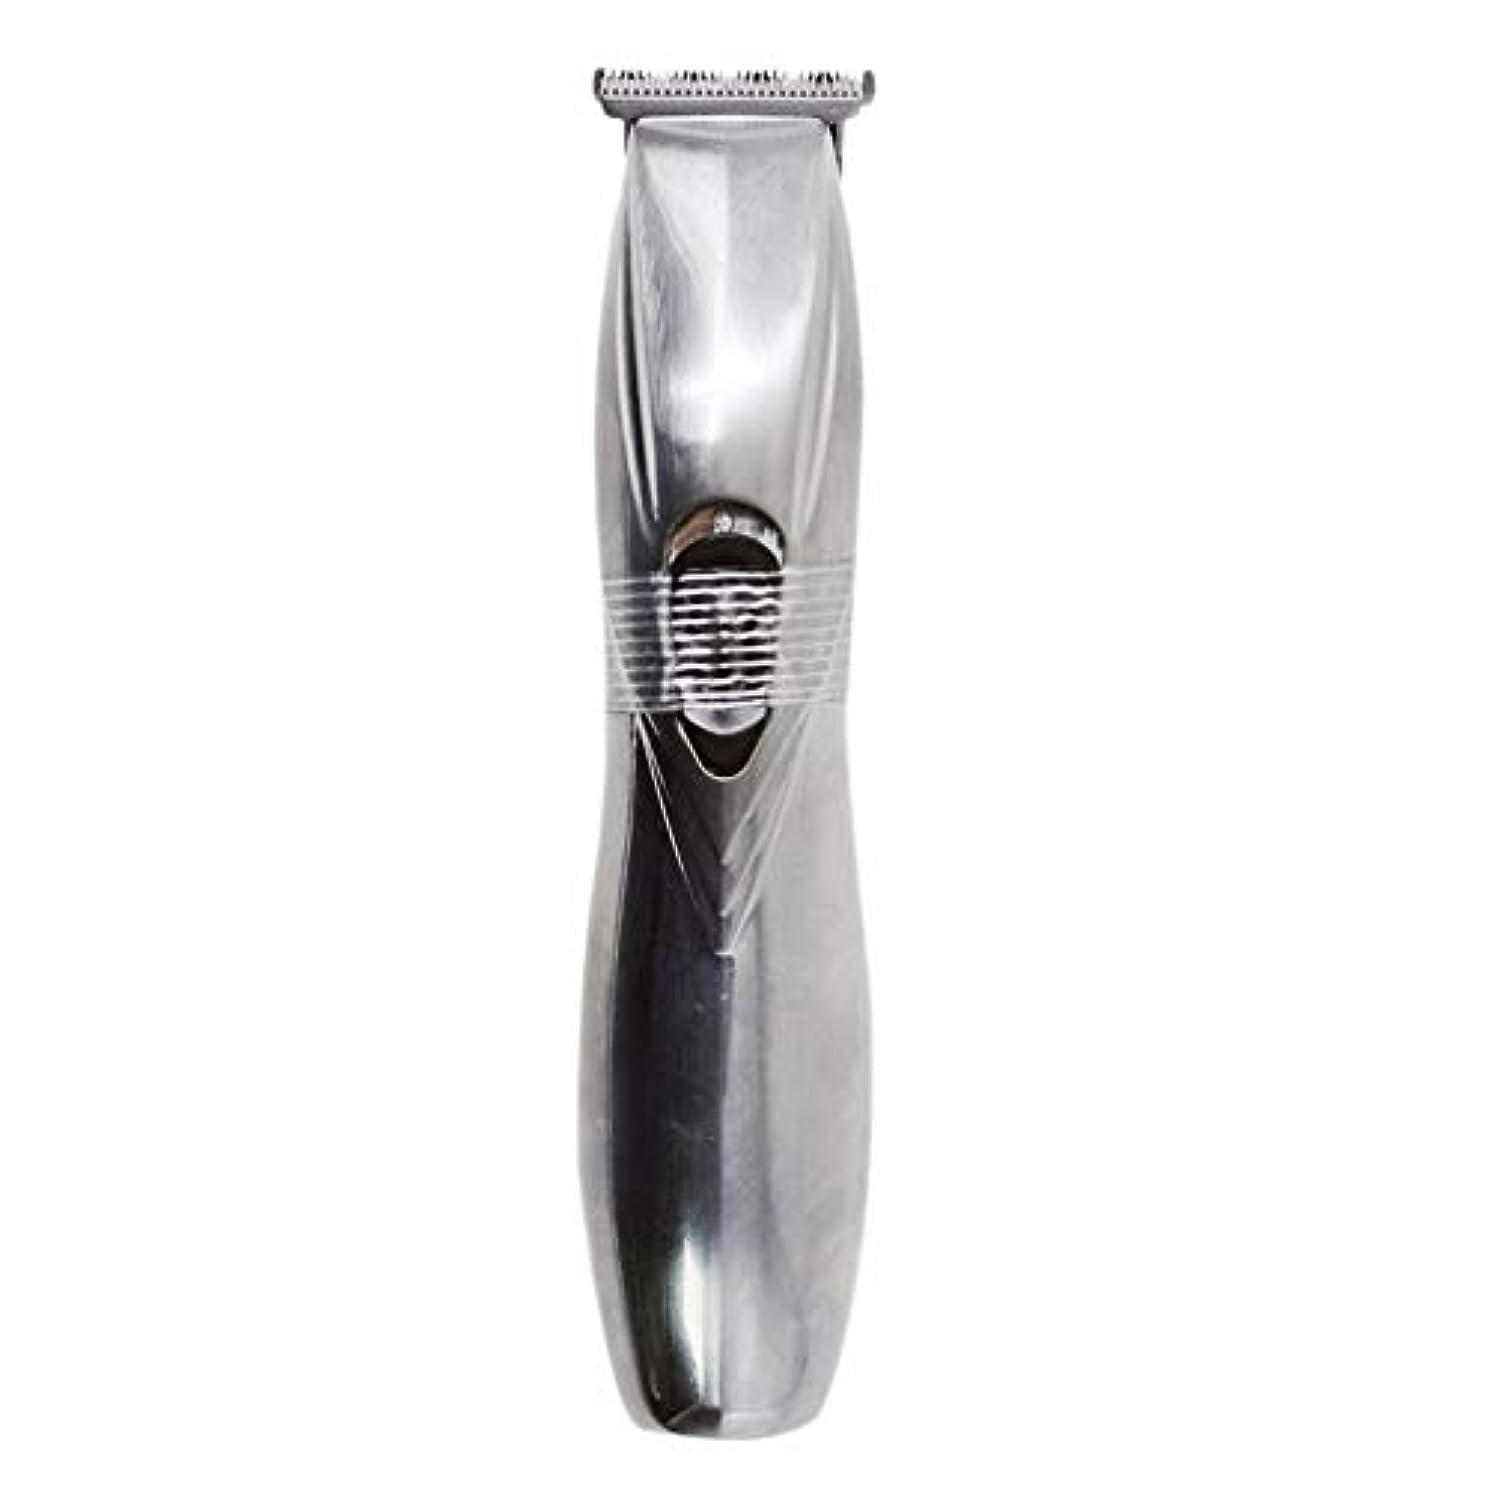 常習者白雪姫開発プロフェッショナル電動バリカンは、男性の髪トリマー用に新しくデザイン切断機は、マシン110-240V切削します